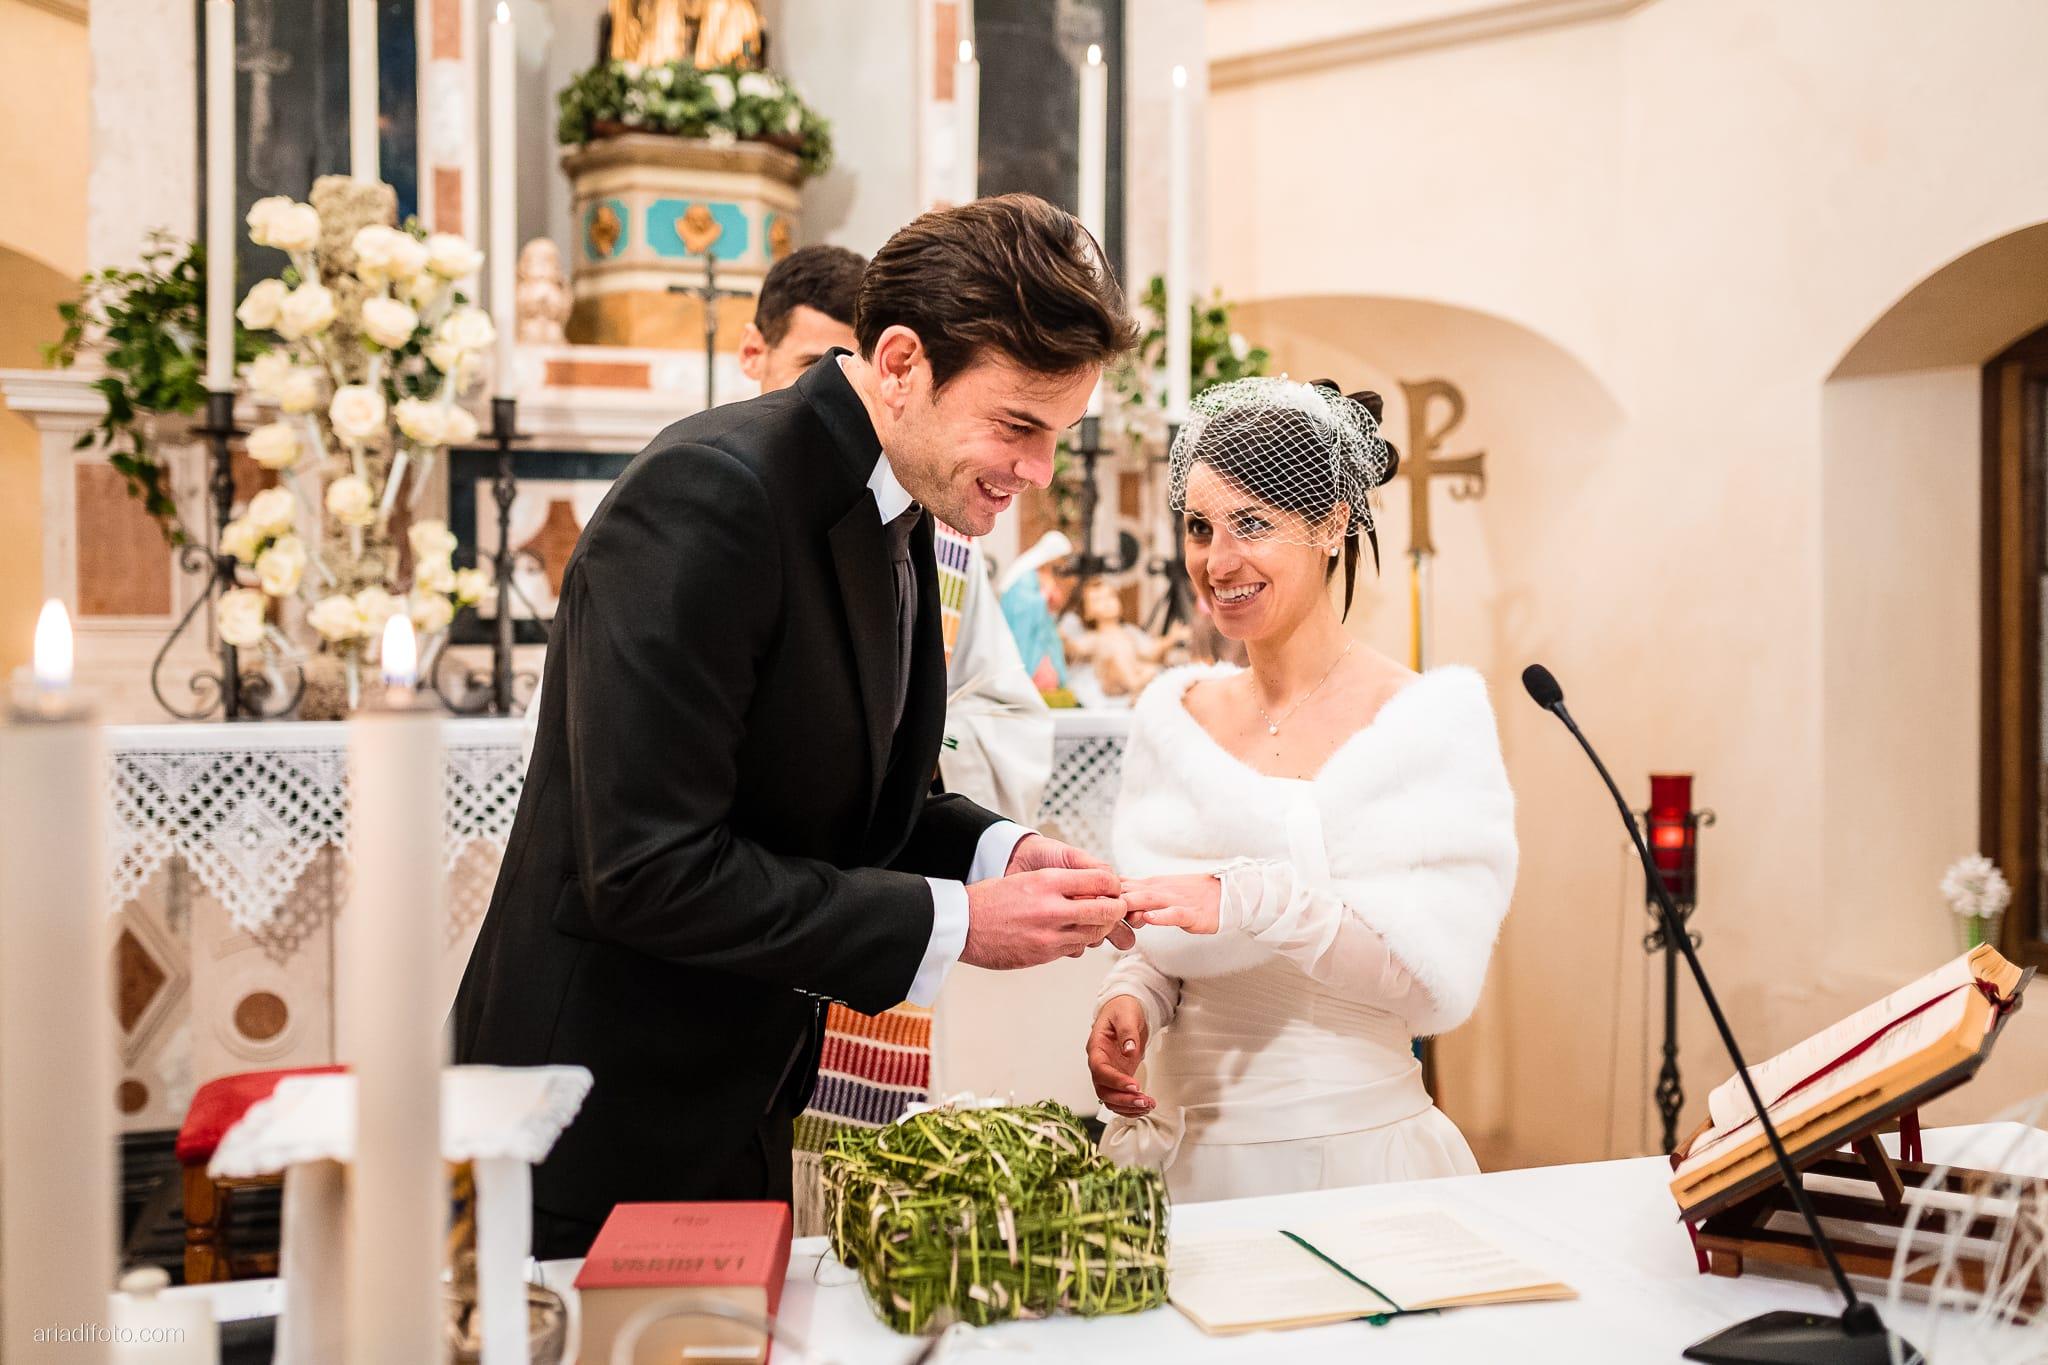 Elisa Matteo matrimonio Preval Gorizia Paradiso Pocenia Udine cerimonia scambio anelli Santa Maria dei Popoli